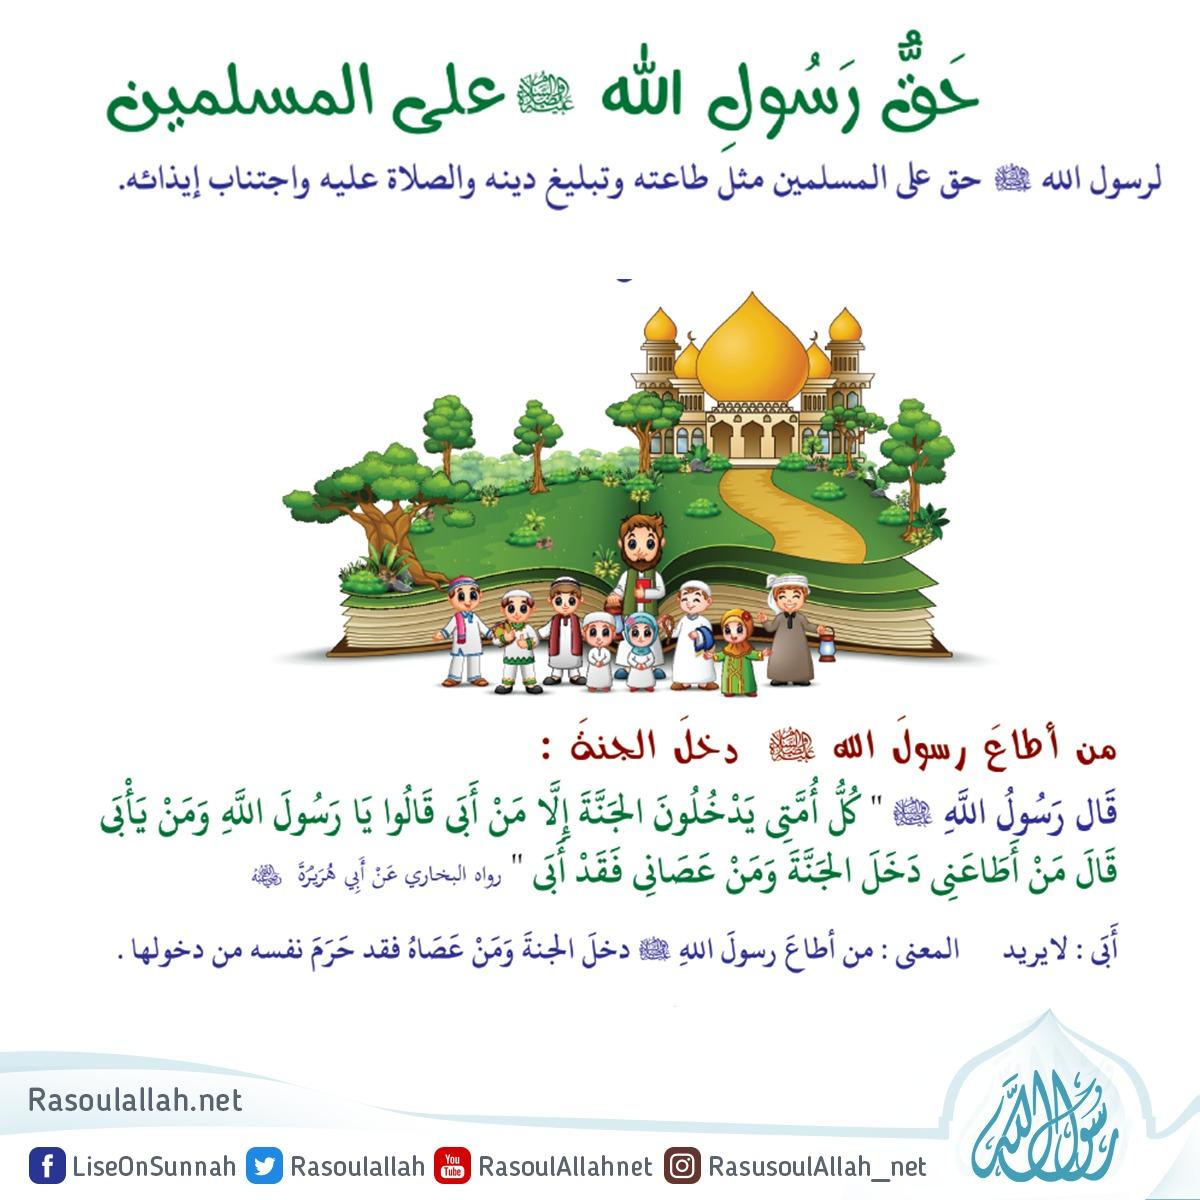 حقُّ رسول الله صلى الله عليه وسلم على المسلمين